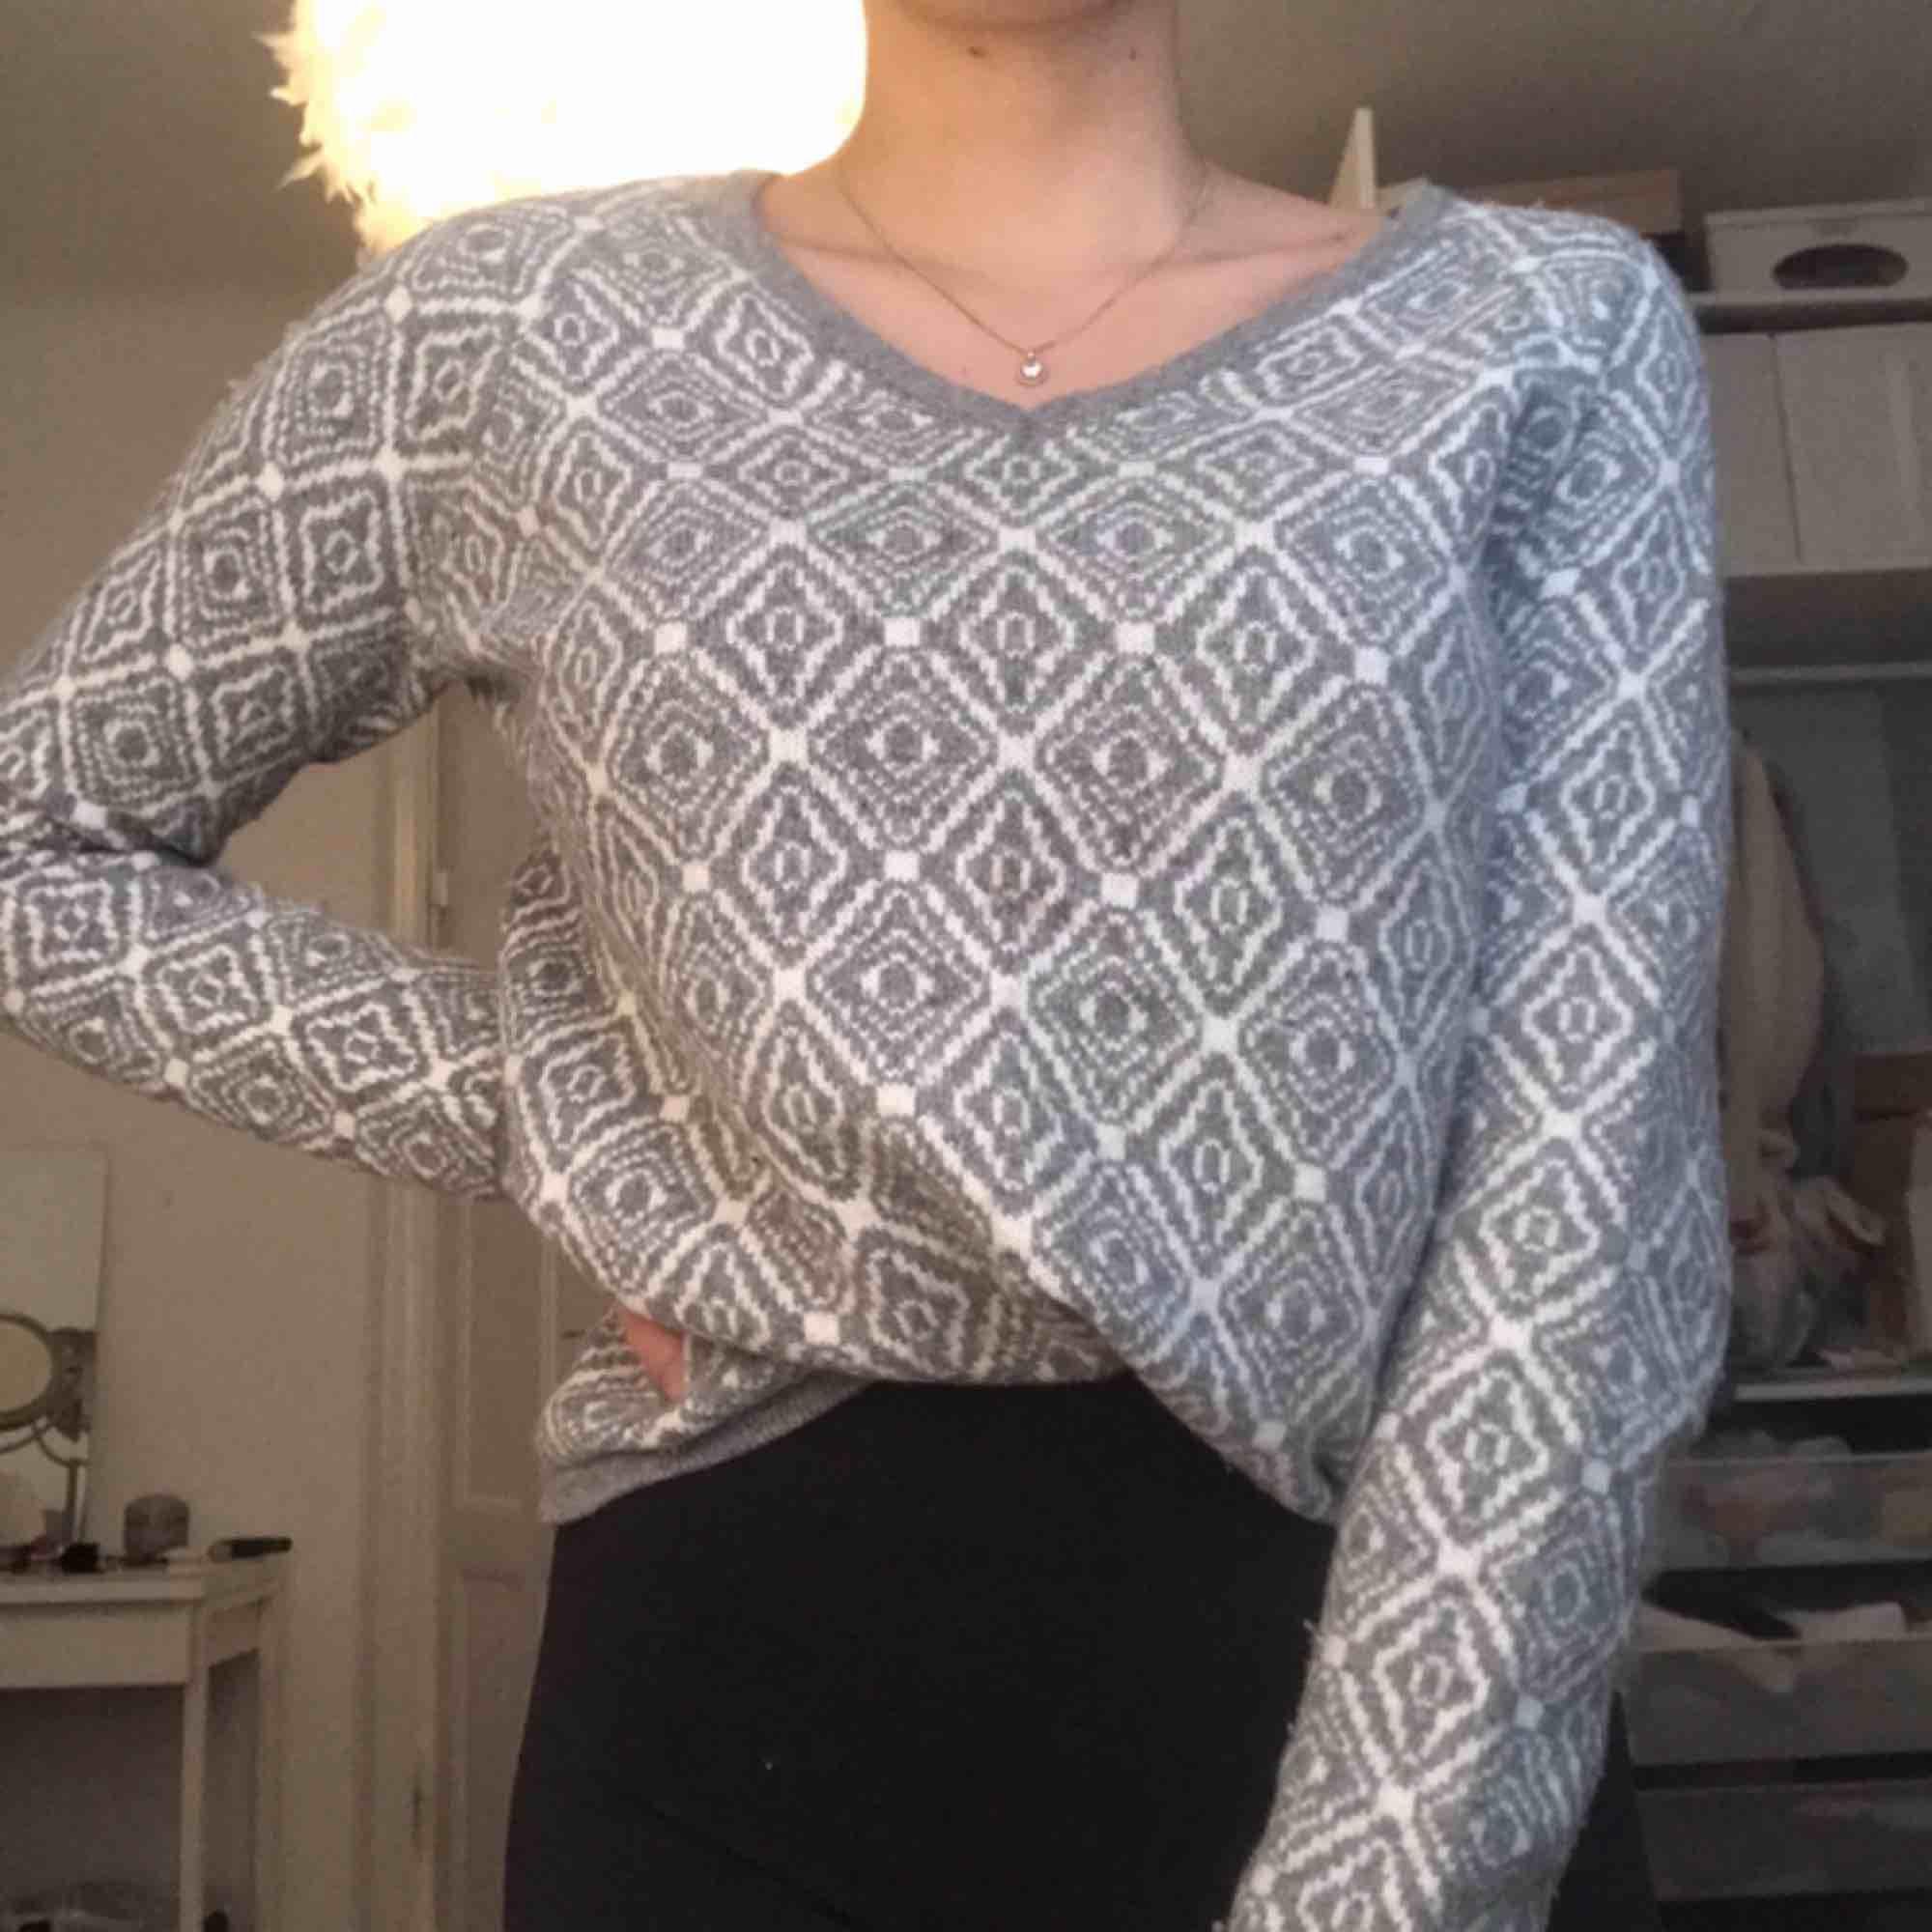 Superhärlig stickad tröja i vitt och grått mönster. Använd men i fint skick! Jättevarm och skön på vintern. Köparen betalar frakt❣️. Stickat.